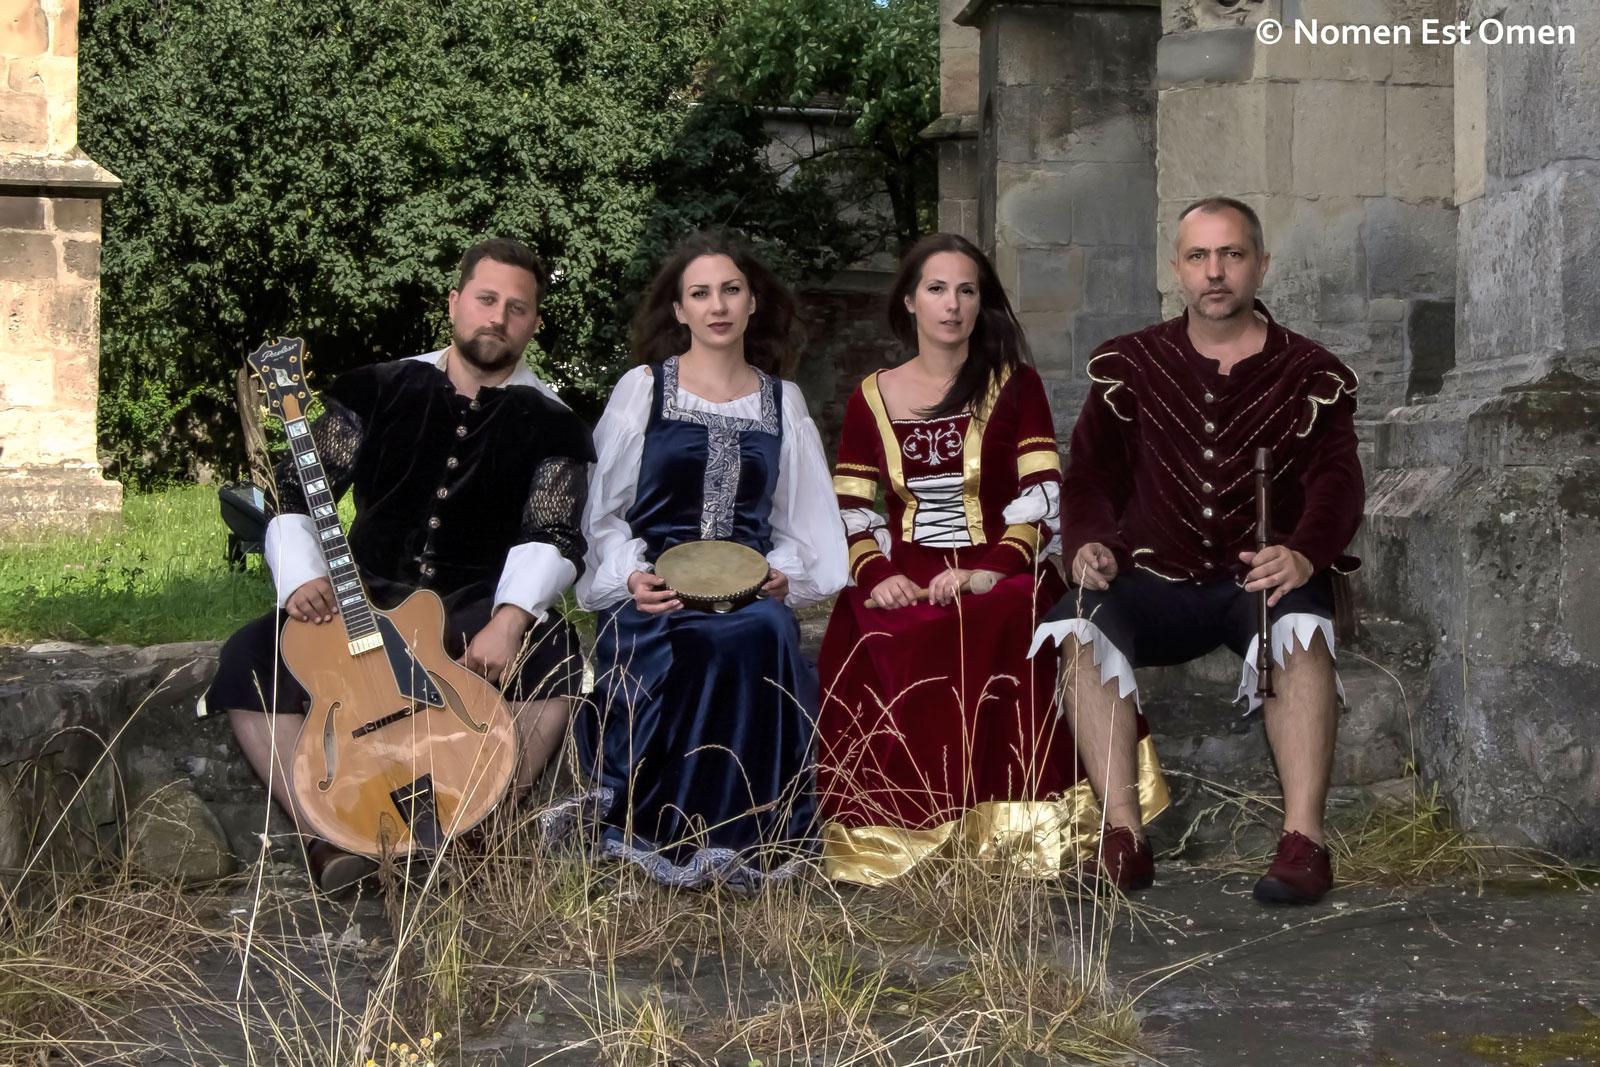 Spiritul muzicii medievale - Nomen Est Omen